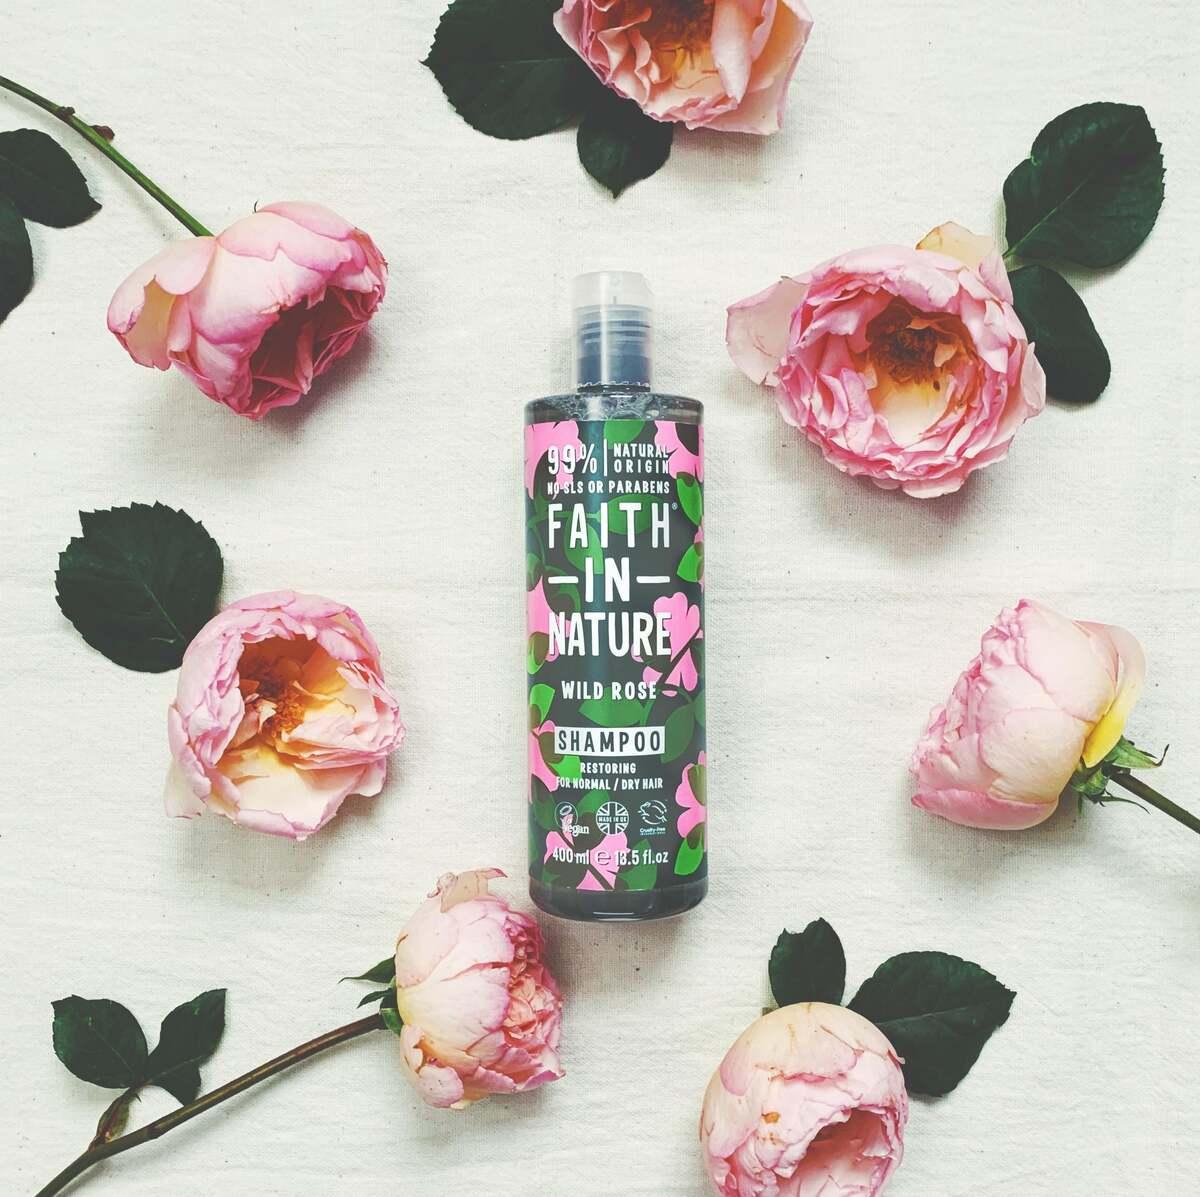 Bild 3 von Faith in Nature Shampoo Wild Rose